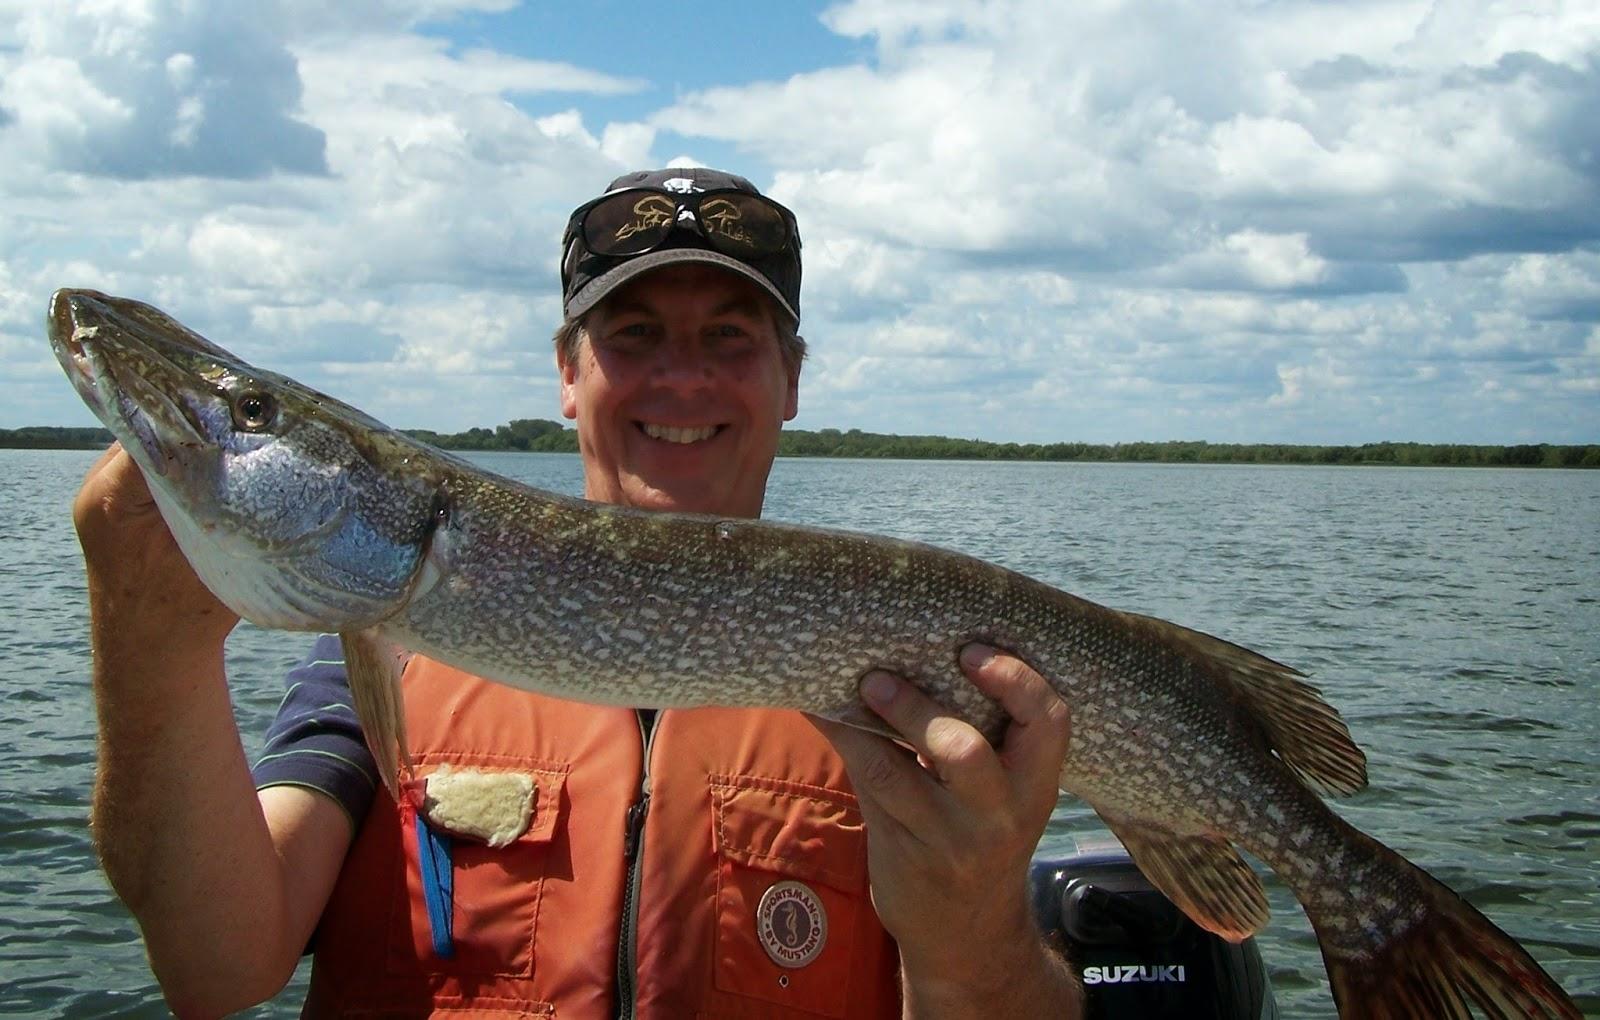 pêche Lac Saint-Pierre, Lac St-Pierre, Pêche Roger Gladu, Pêche brochet, Daniel Lefaivre, pêche au Québec,